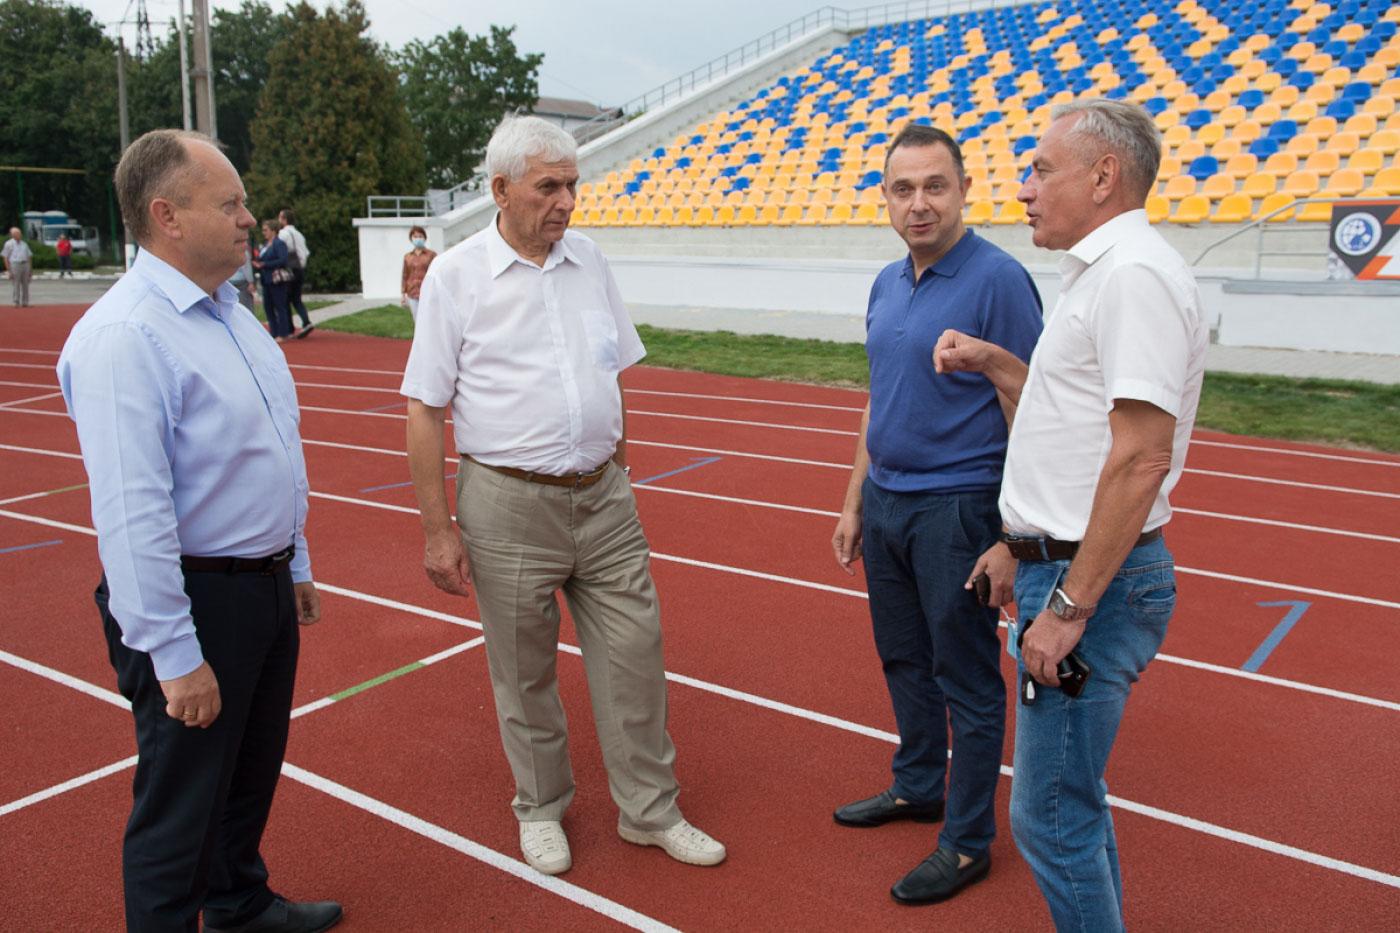 Реконструйований стадіон університету нафти і газу оглянув міністр молоді і спорту (ФОТО)